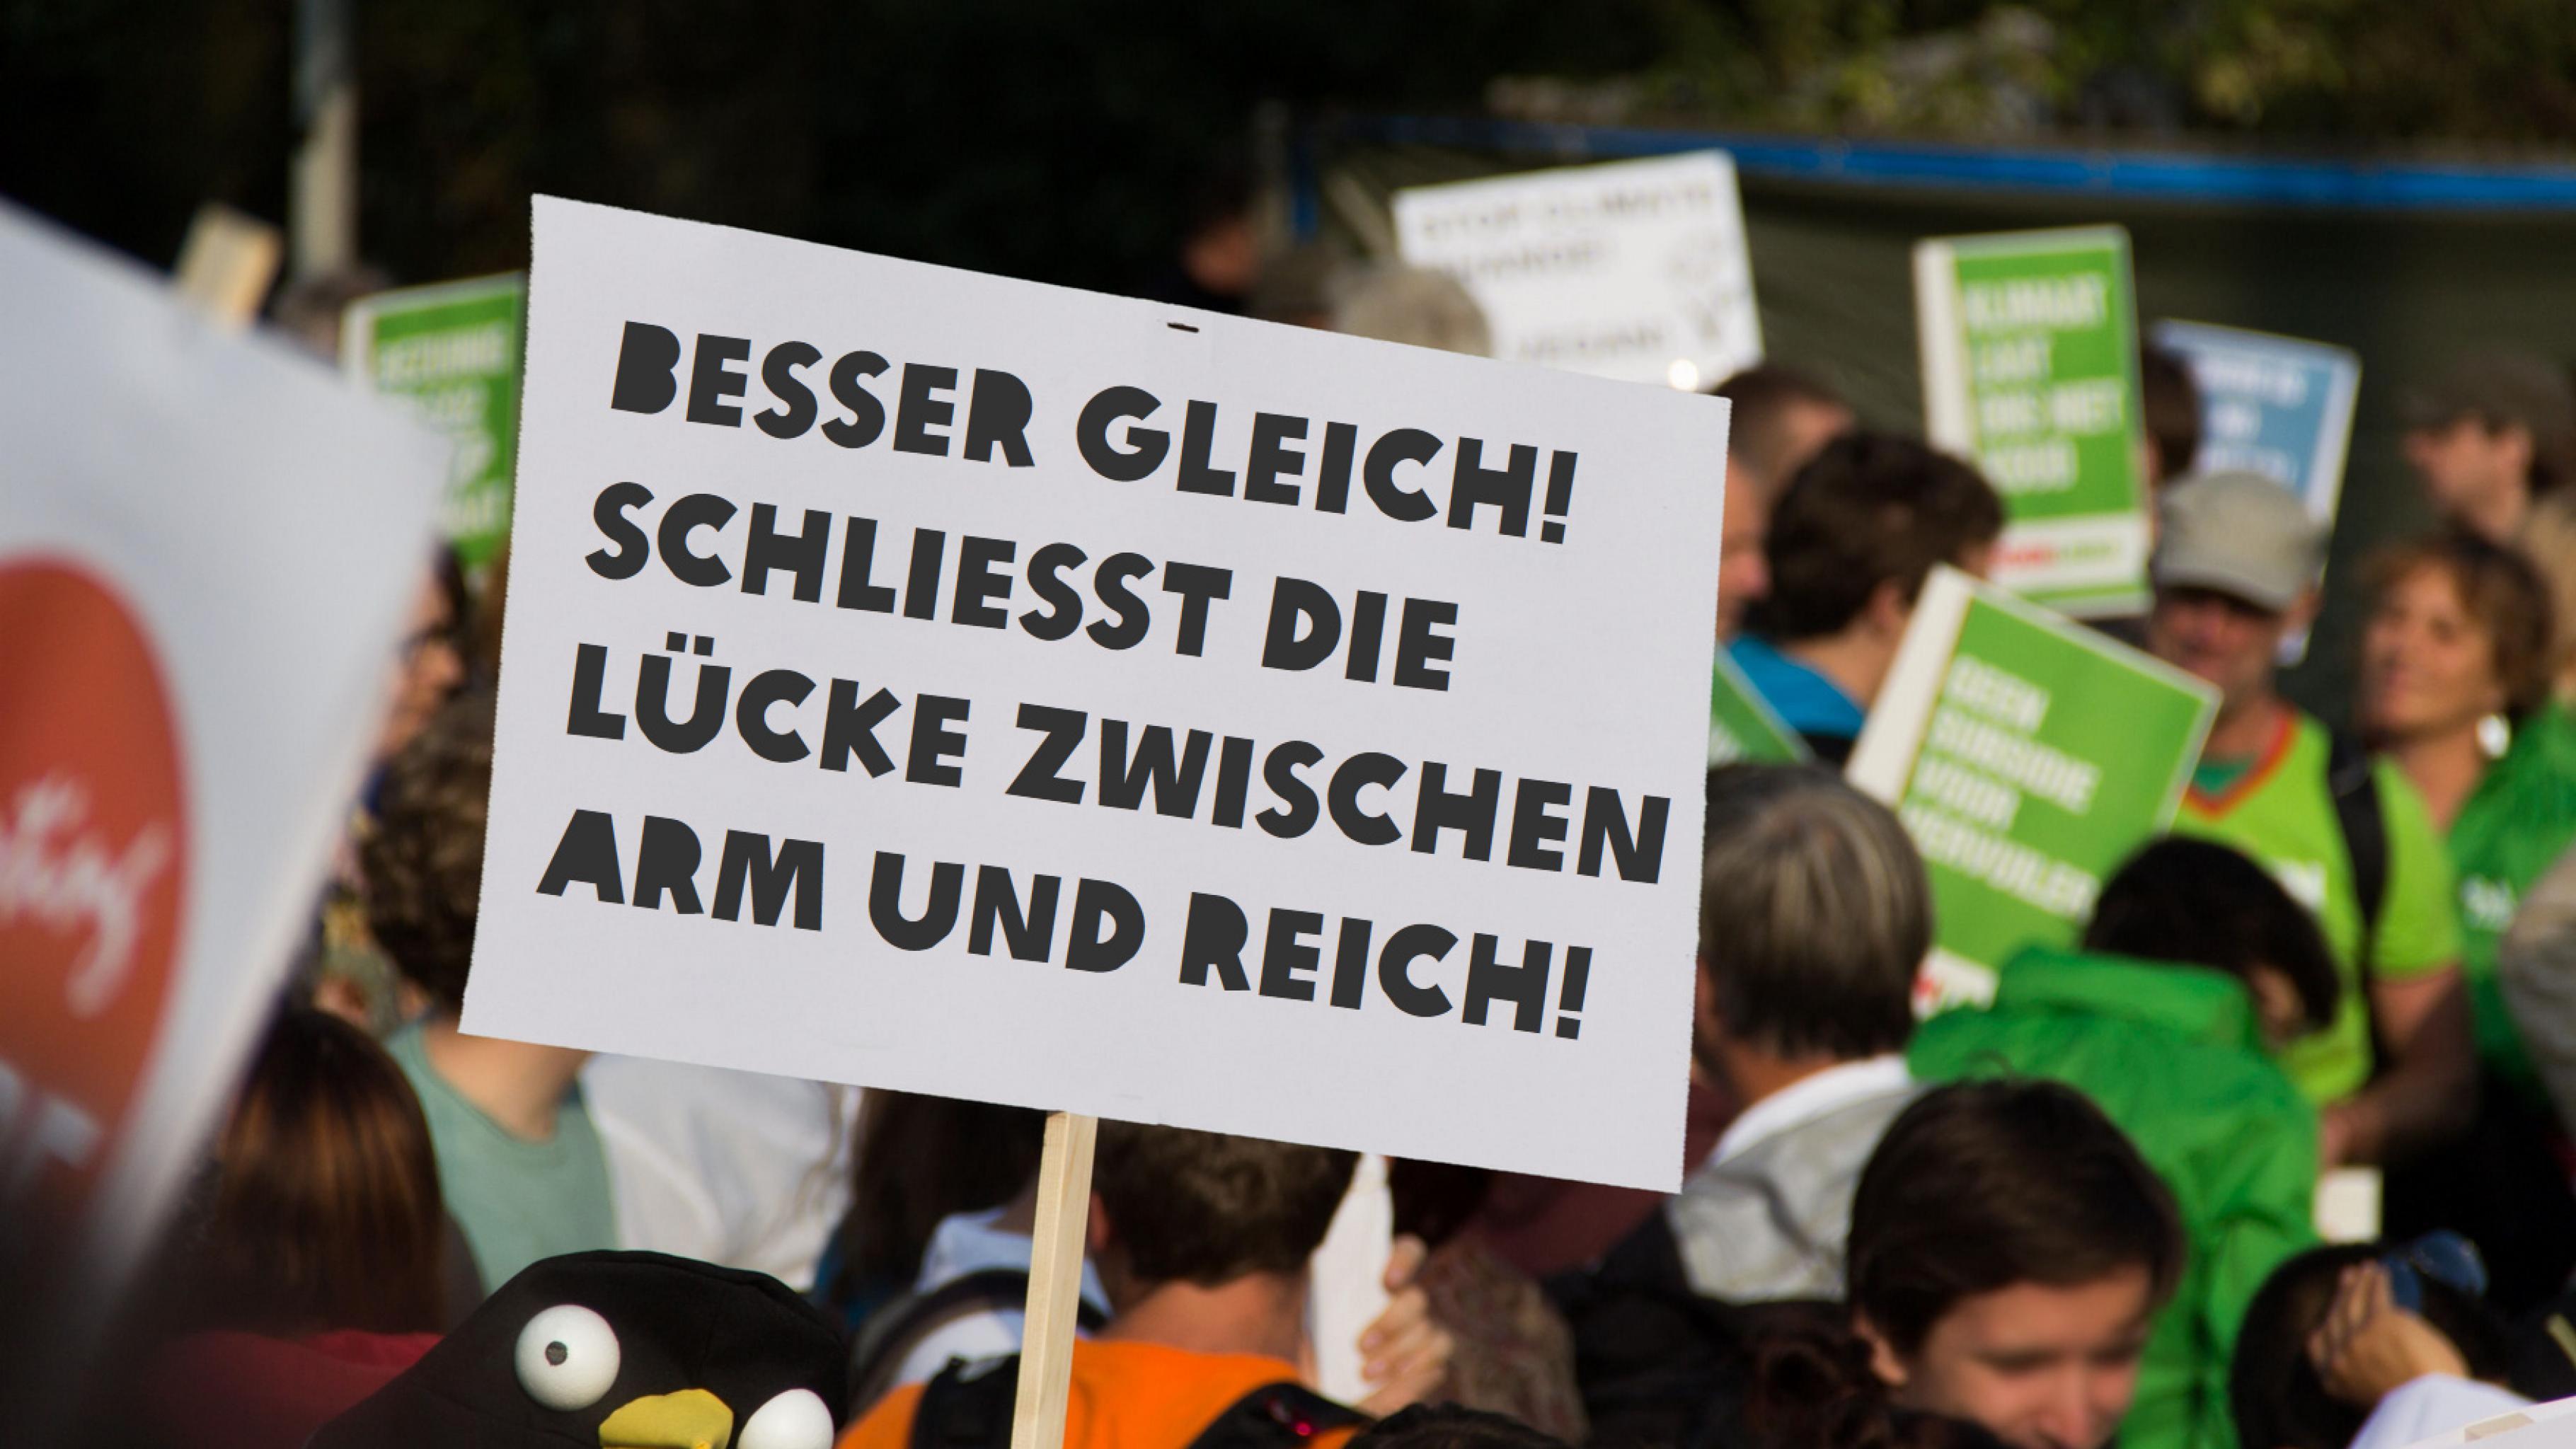 """Im Vordergrund ein Schild mit der Aufschrift: """"Besser Gleich! Schließt die Lücke zwischen Arm und Reich!"""" Im Hintergrund Menschen auf einer Demonstration"""